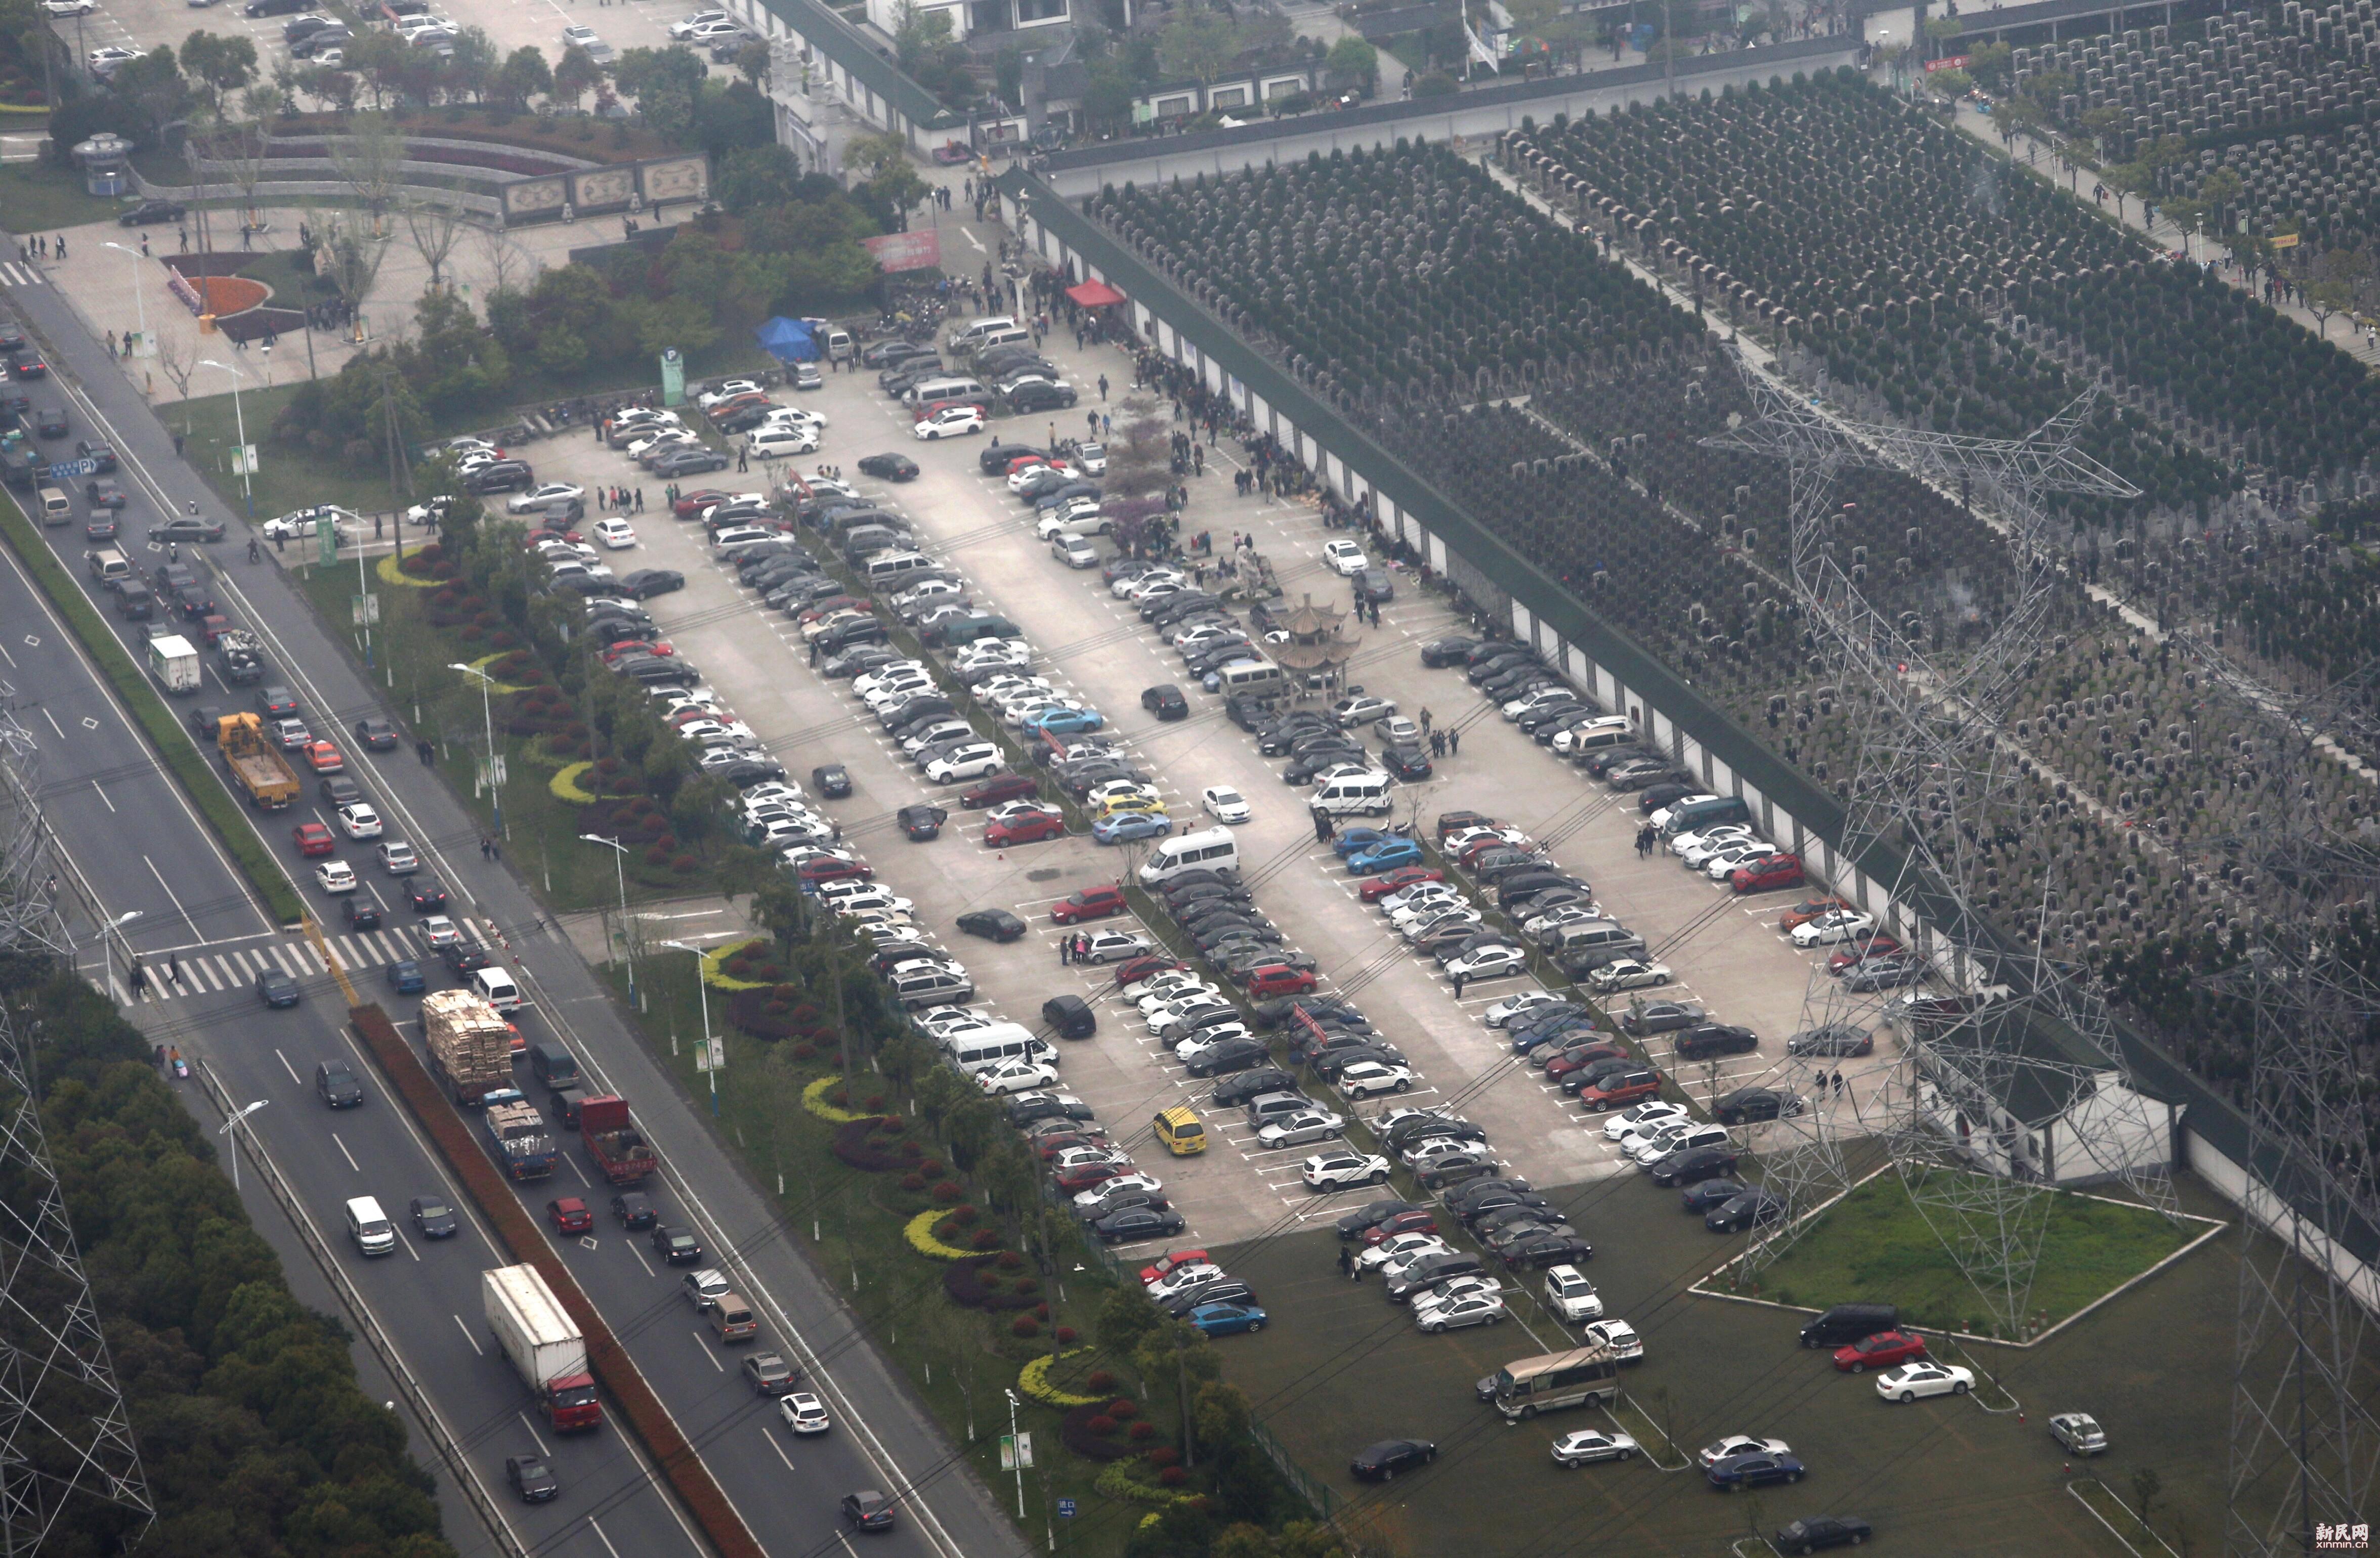 昨上海扫墓客流创历史新高 今天部分道路仍拥堵